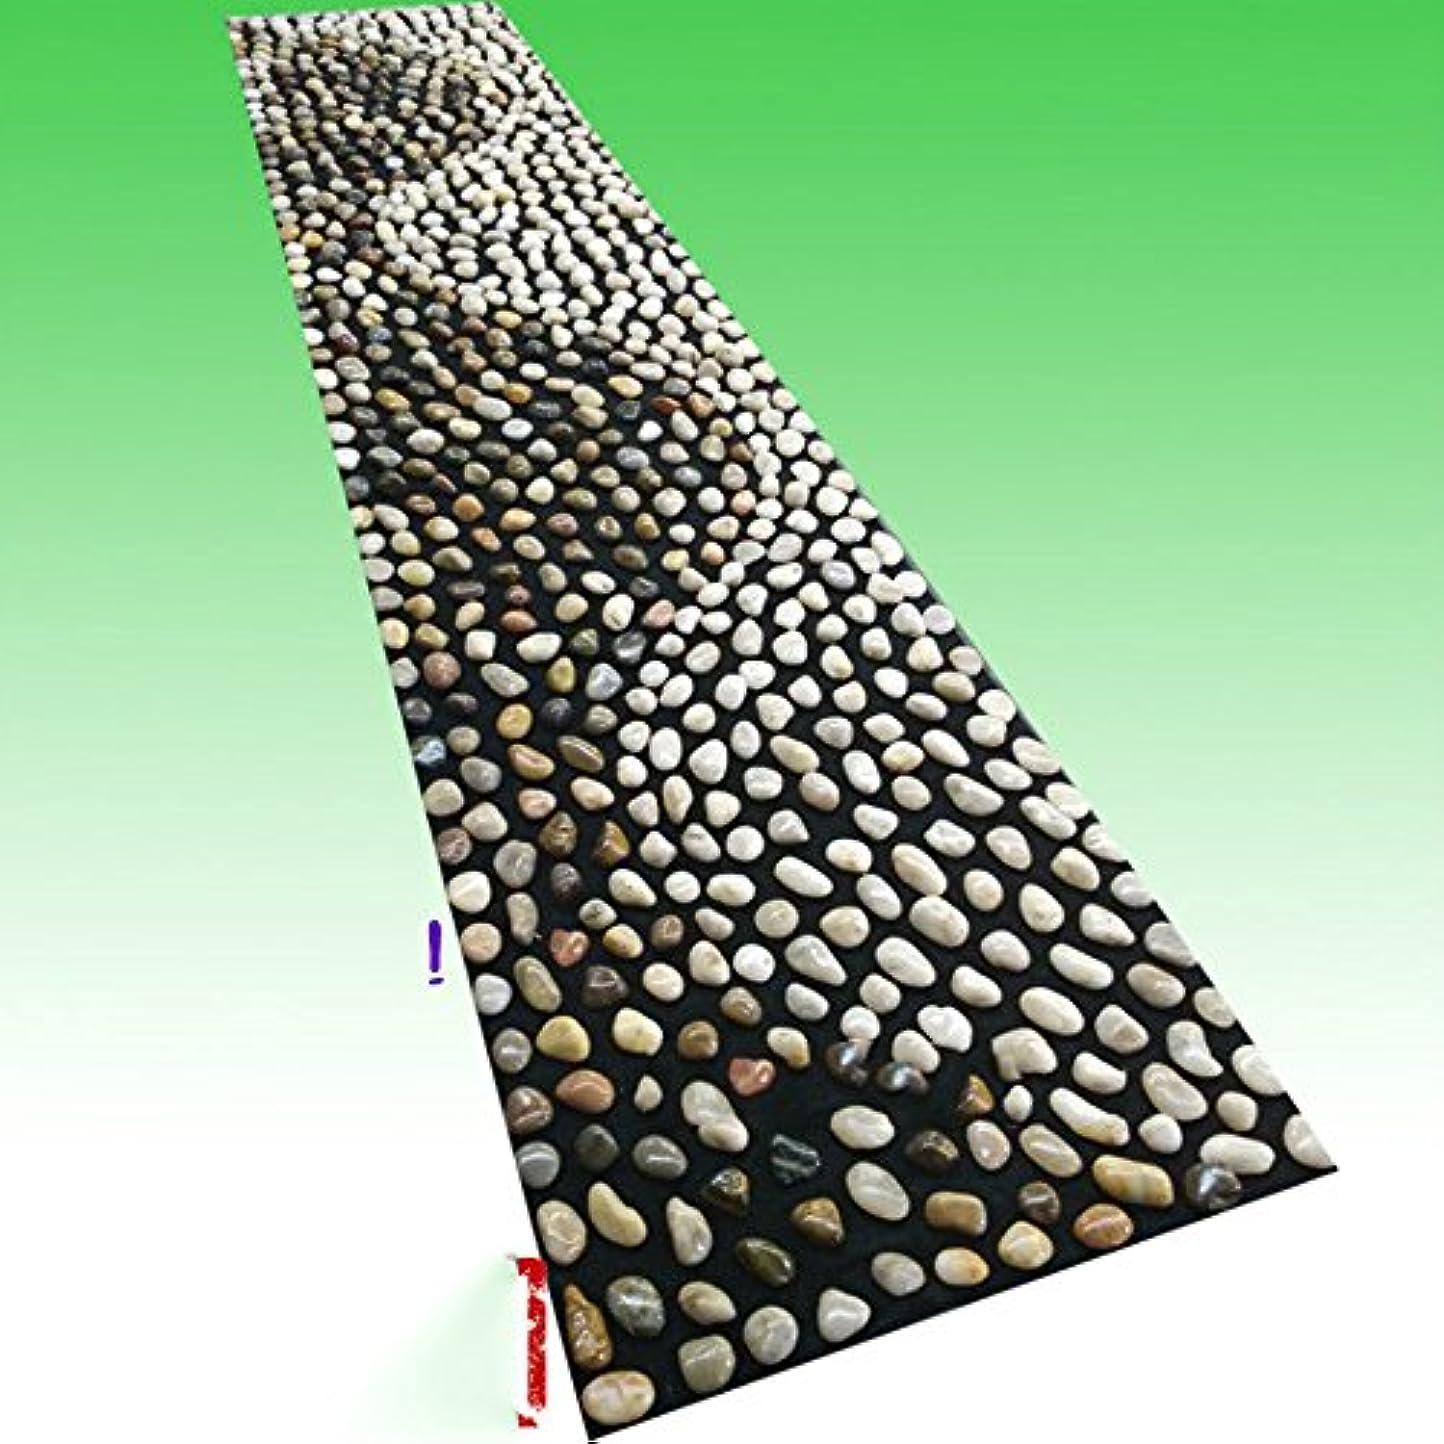 敬意を表して宮殿メキシコ足つぼ マット マッサージシート マッサージ 足裏 健康 ツボ刺激 折りたたみ ウォーキングマット 足裏マット 本物の健康 フットマッサージ 足のマッサージパッド 模造石畳の歩道